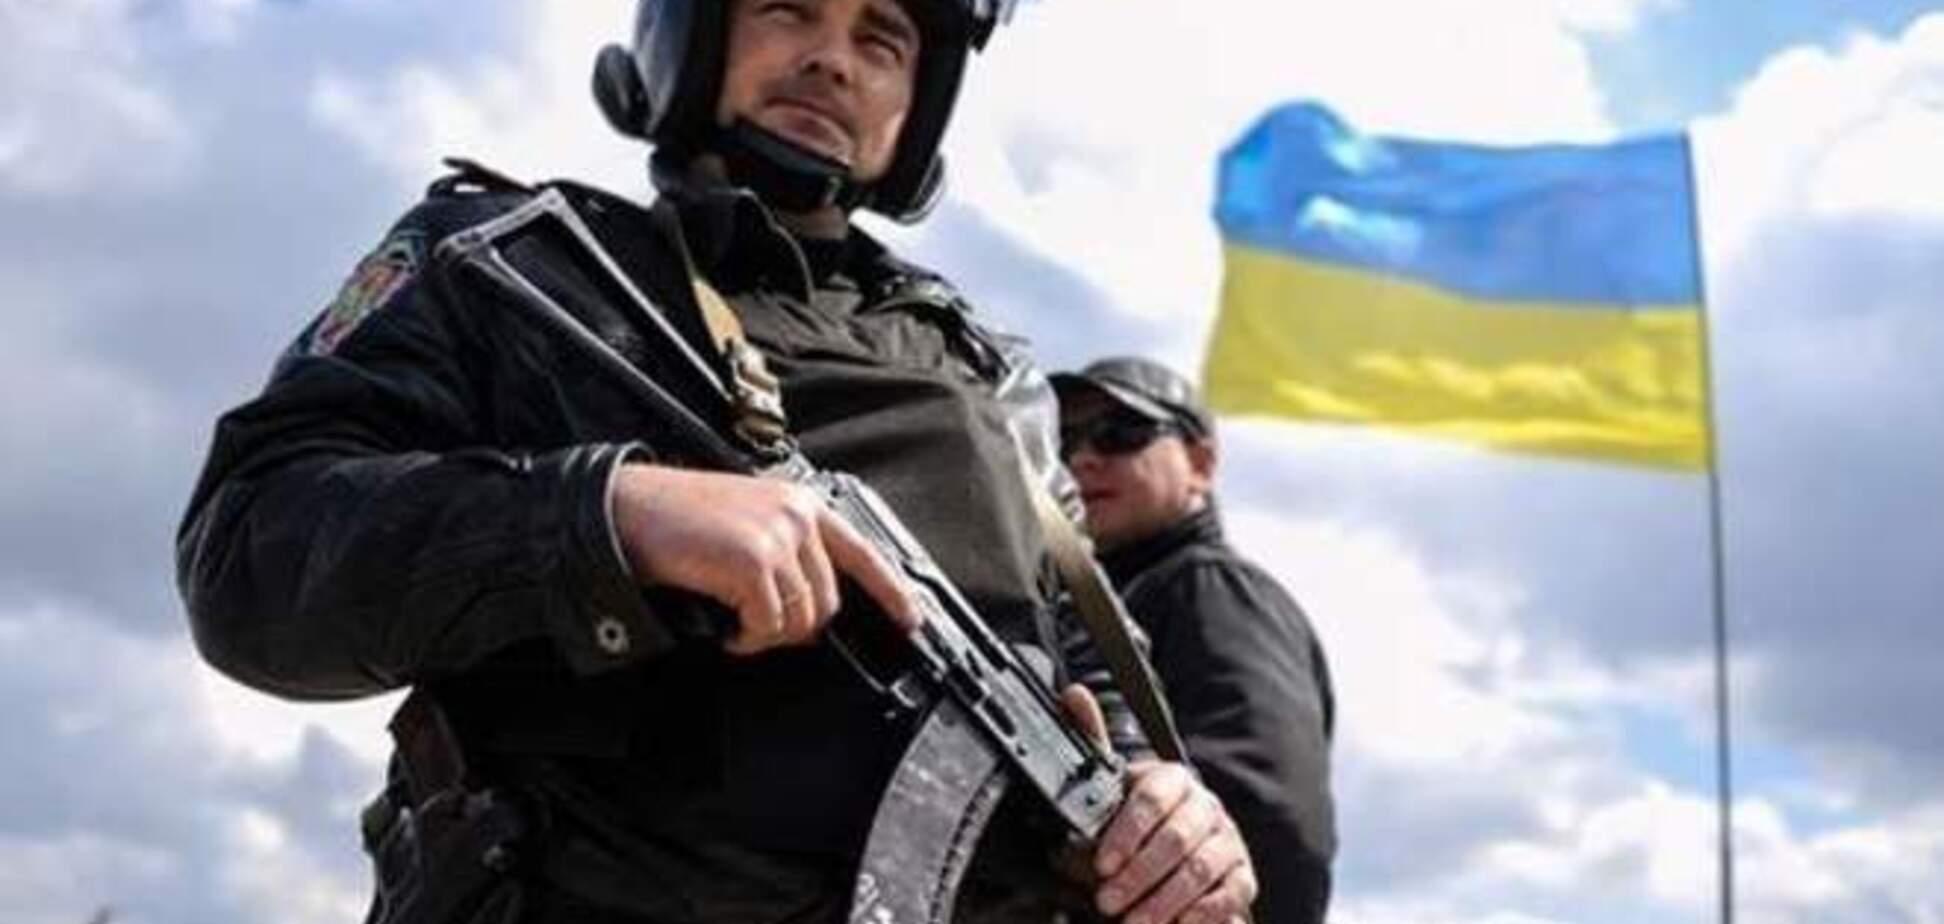 Украина за сутки потеряла 5 военных, около 30 получили ранения - Генштаб